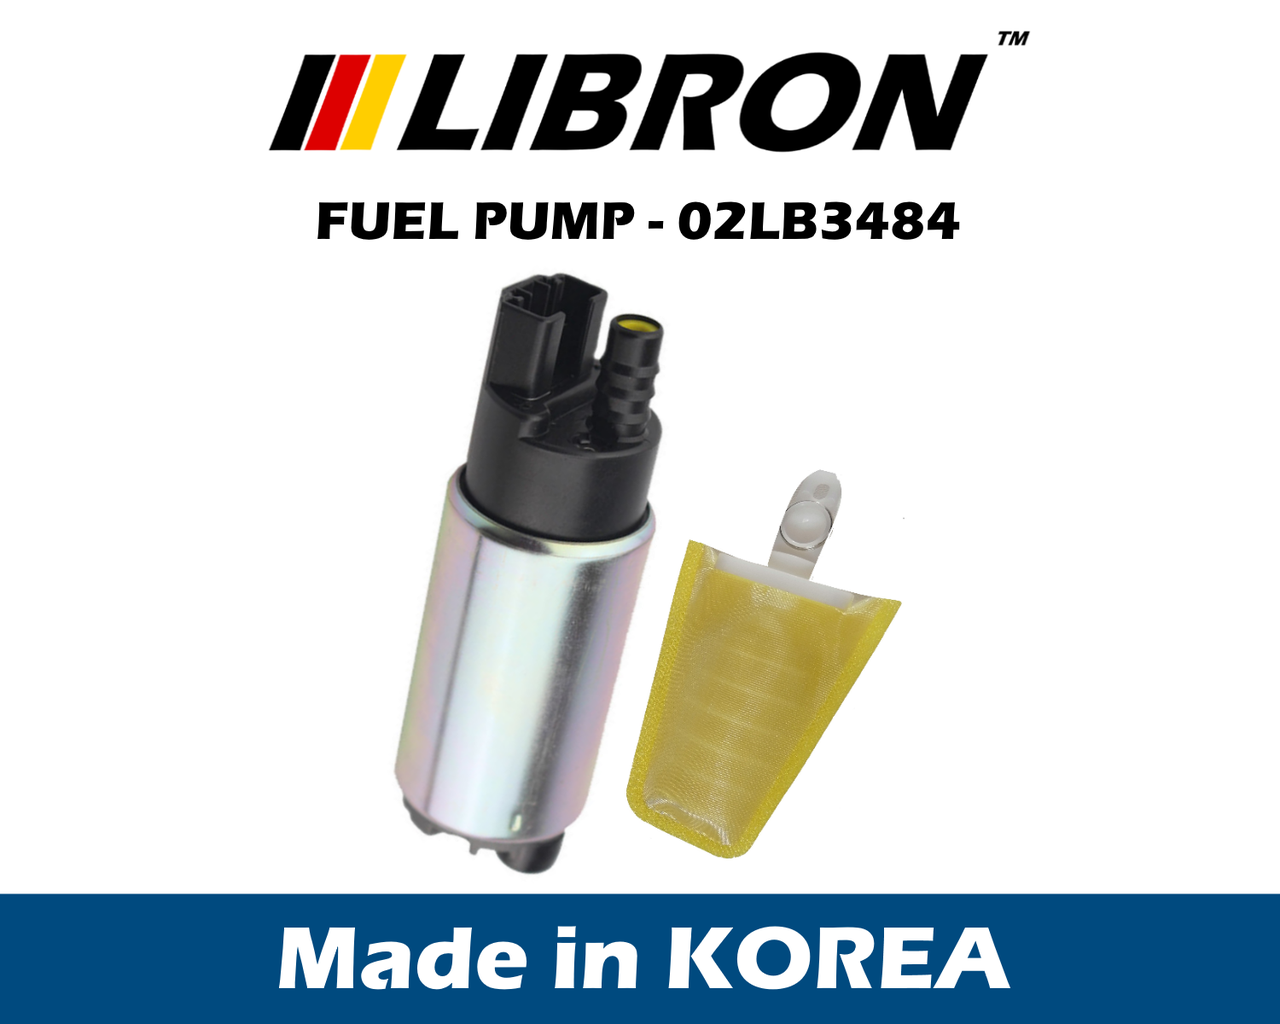 Топливный насос LIBRON 02LB3484 - Мицубиси Ланцес Лансер IV Наклонная задняя часть